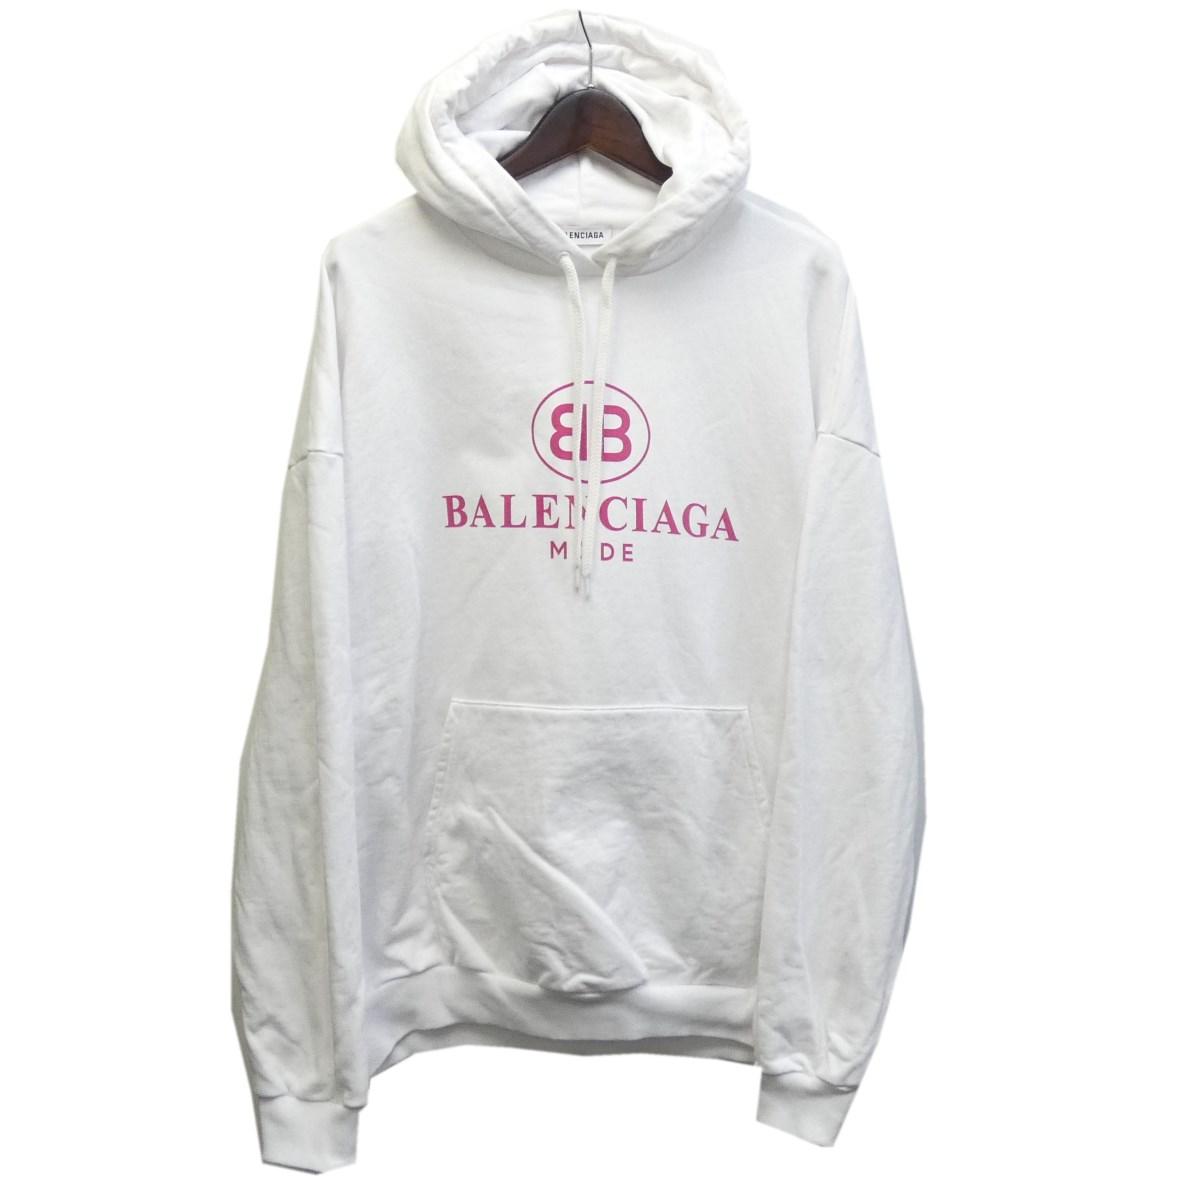 【中古】BALENCIAGA エンブレムロゴプルオーバーパーカー 501656 ホワイト サイズ:XS 【080320】(バレンシアガ)